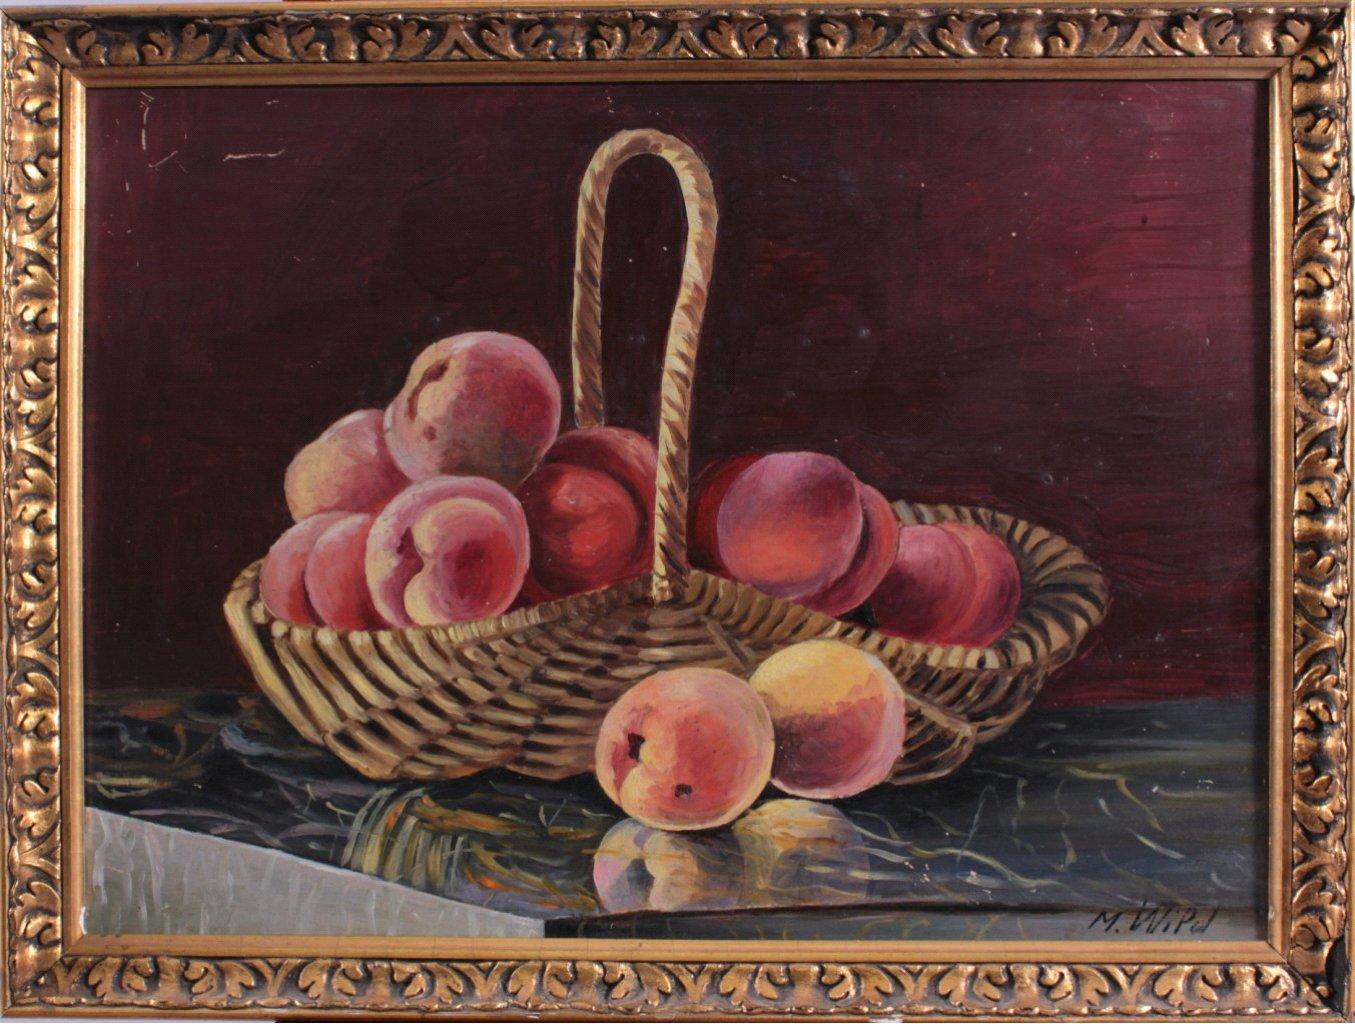 M. Wipol ?-?, Stilleben mit Früchten